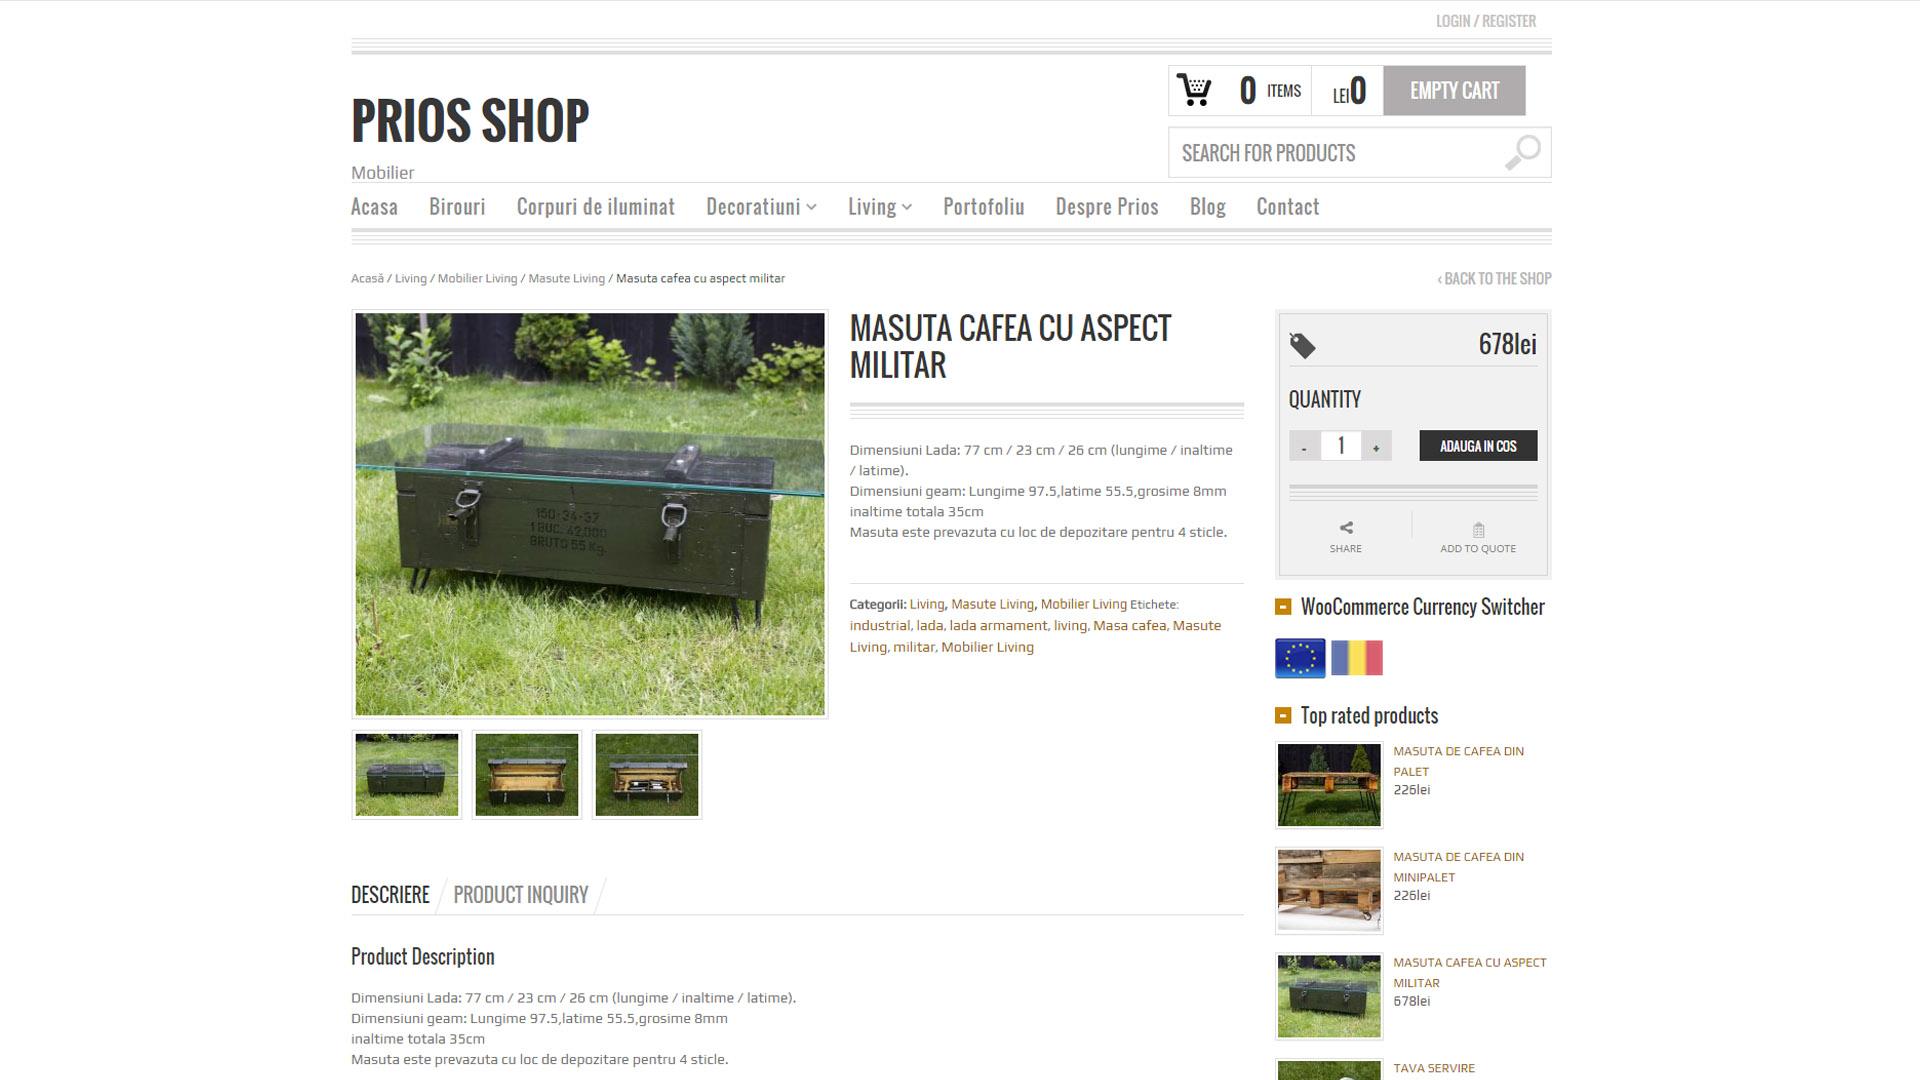 prios shop_03